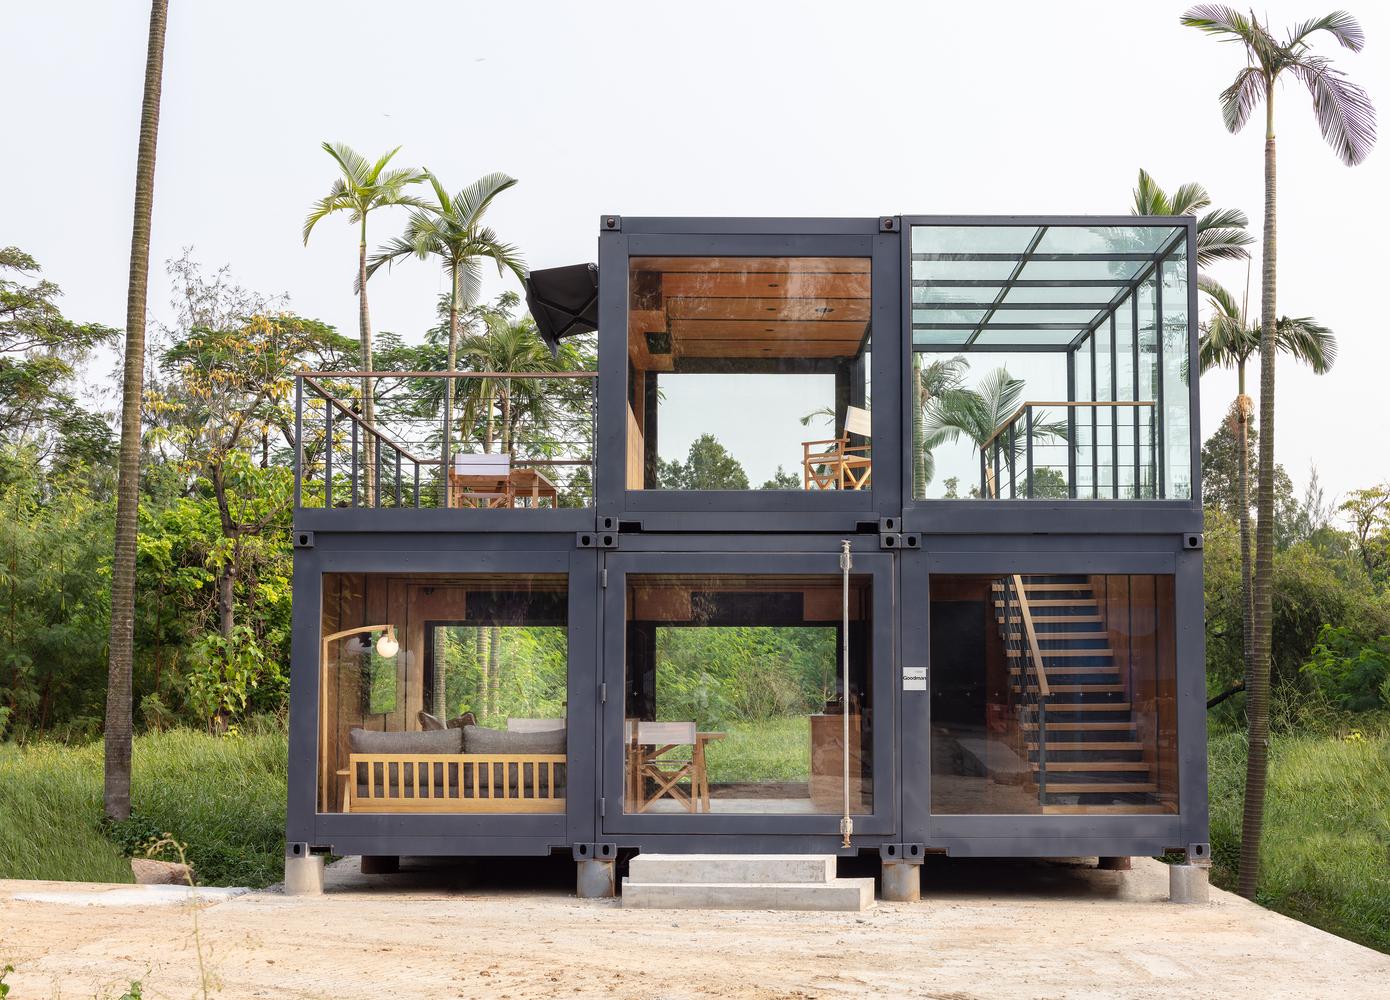 ¿Por qué elegir la construcción modular?,© Dennis Lo